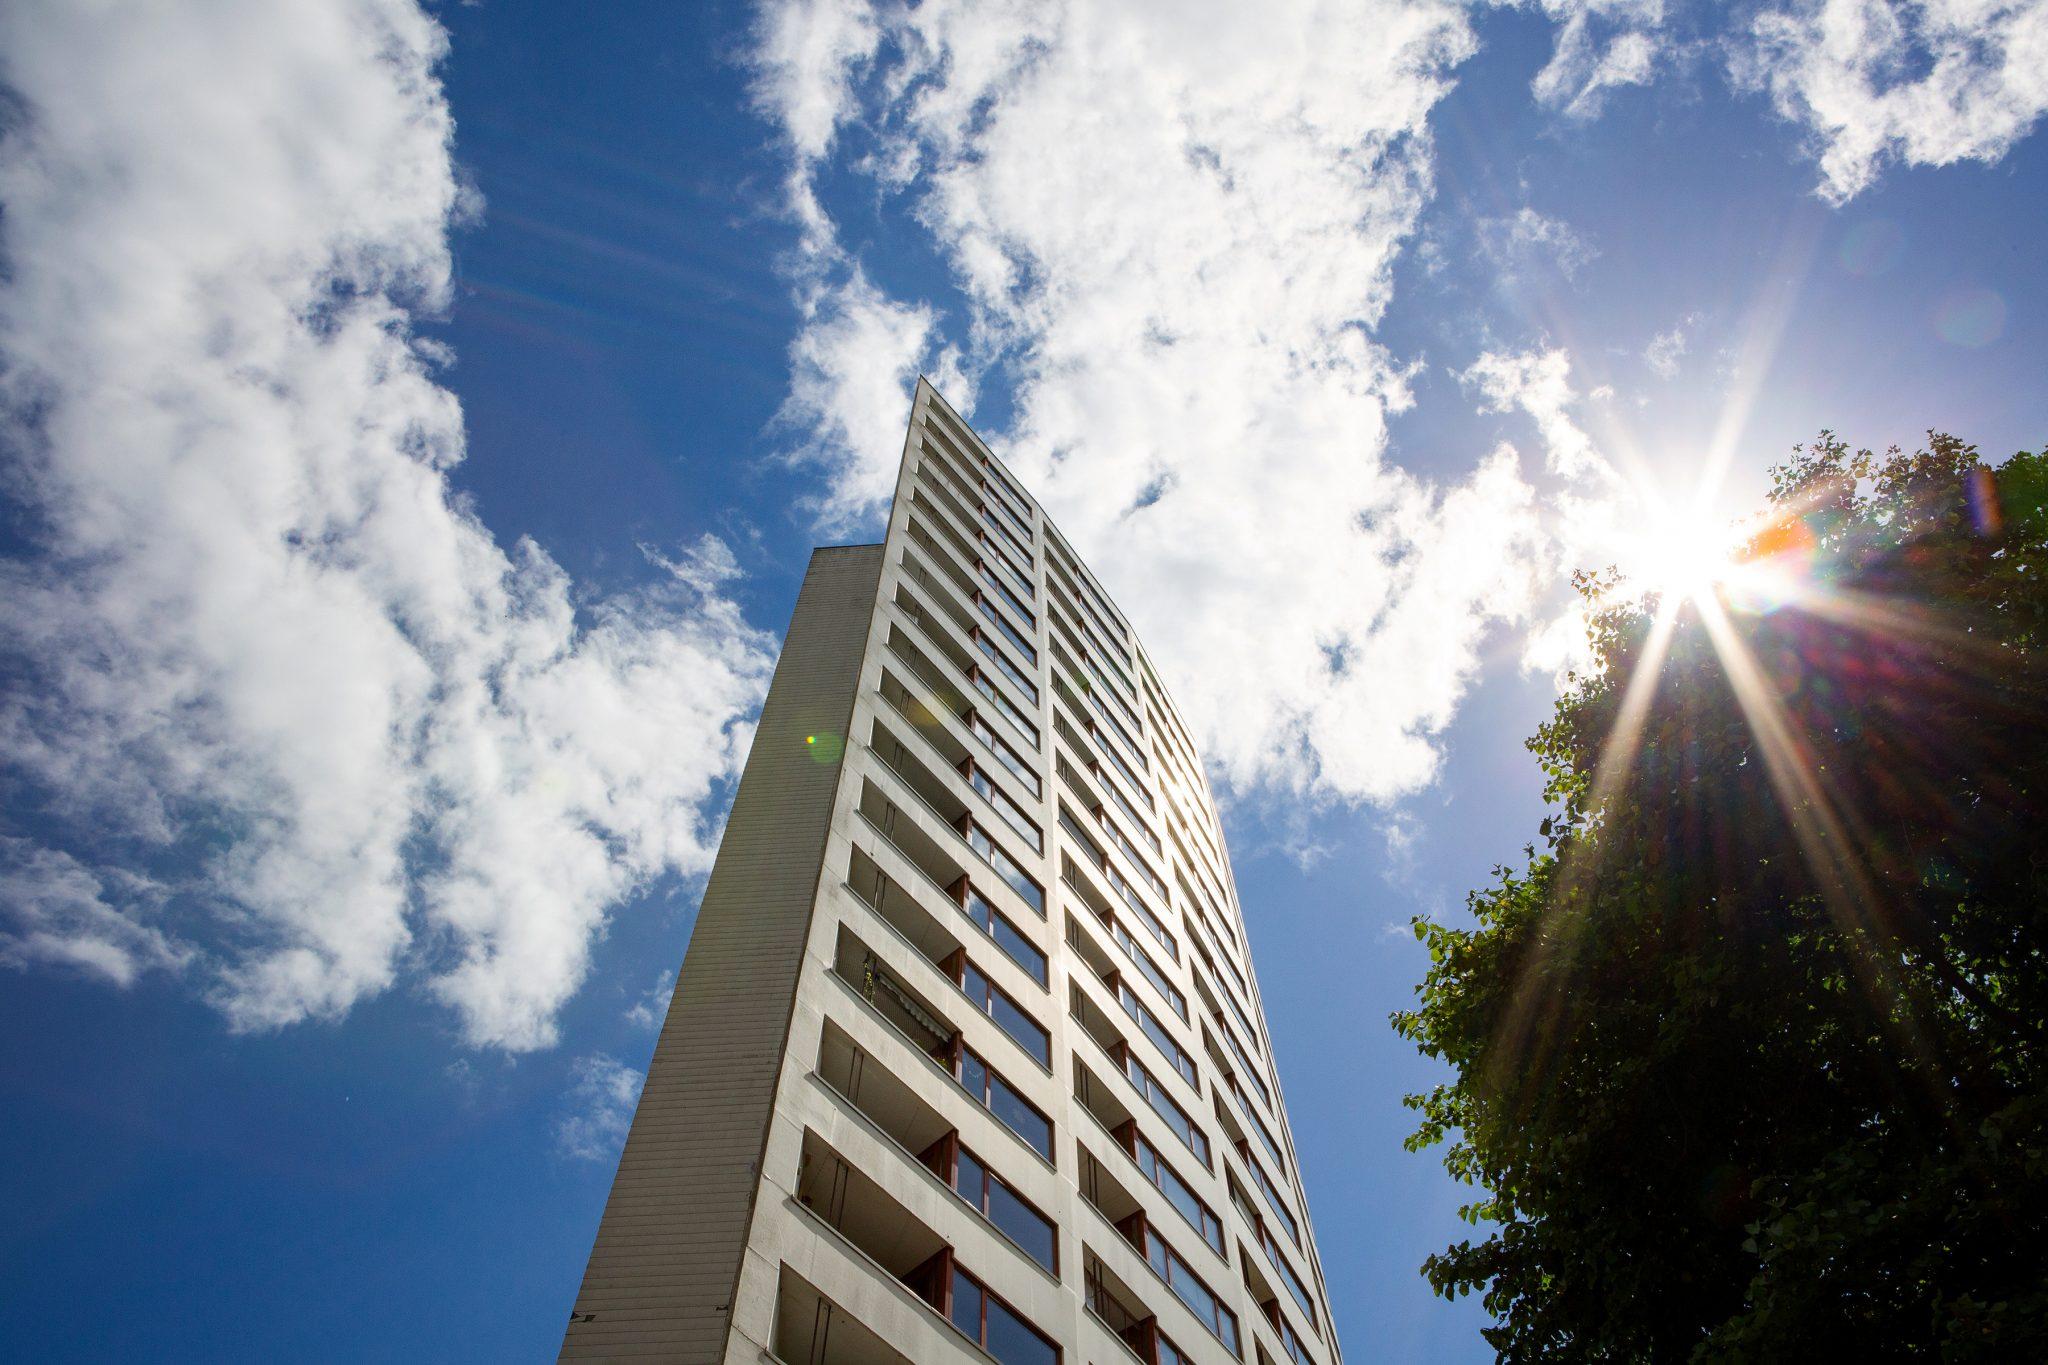 Das Aalto Haus in der Vahr von der Straße aus fotografiert vor blauem Himmel